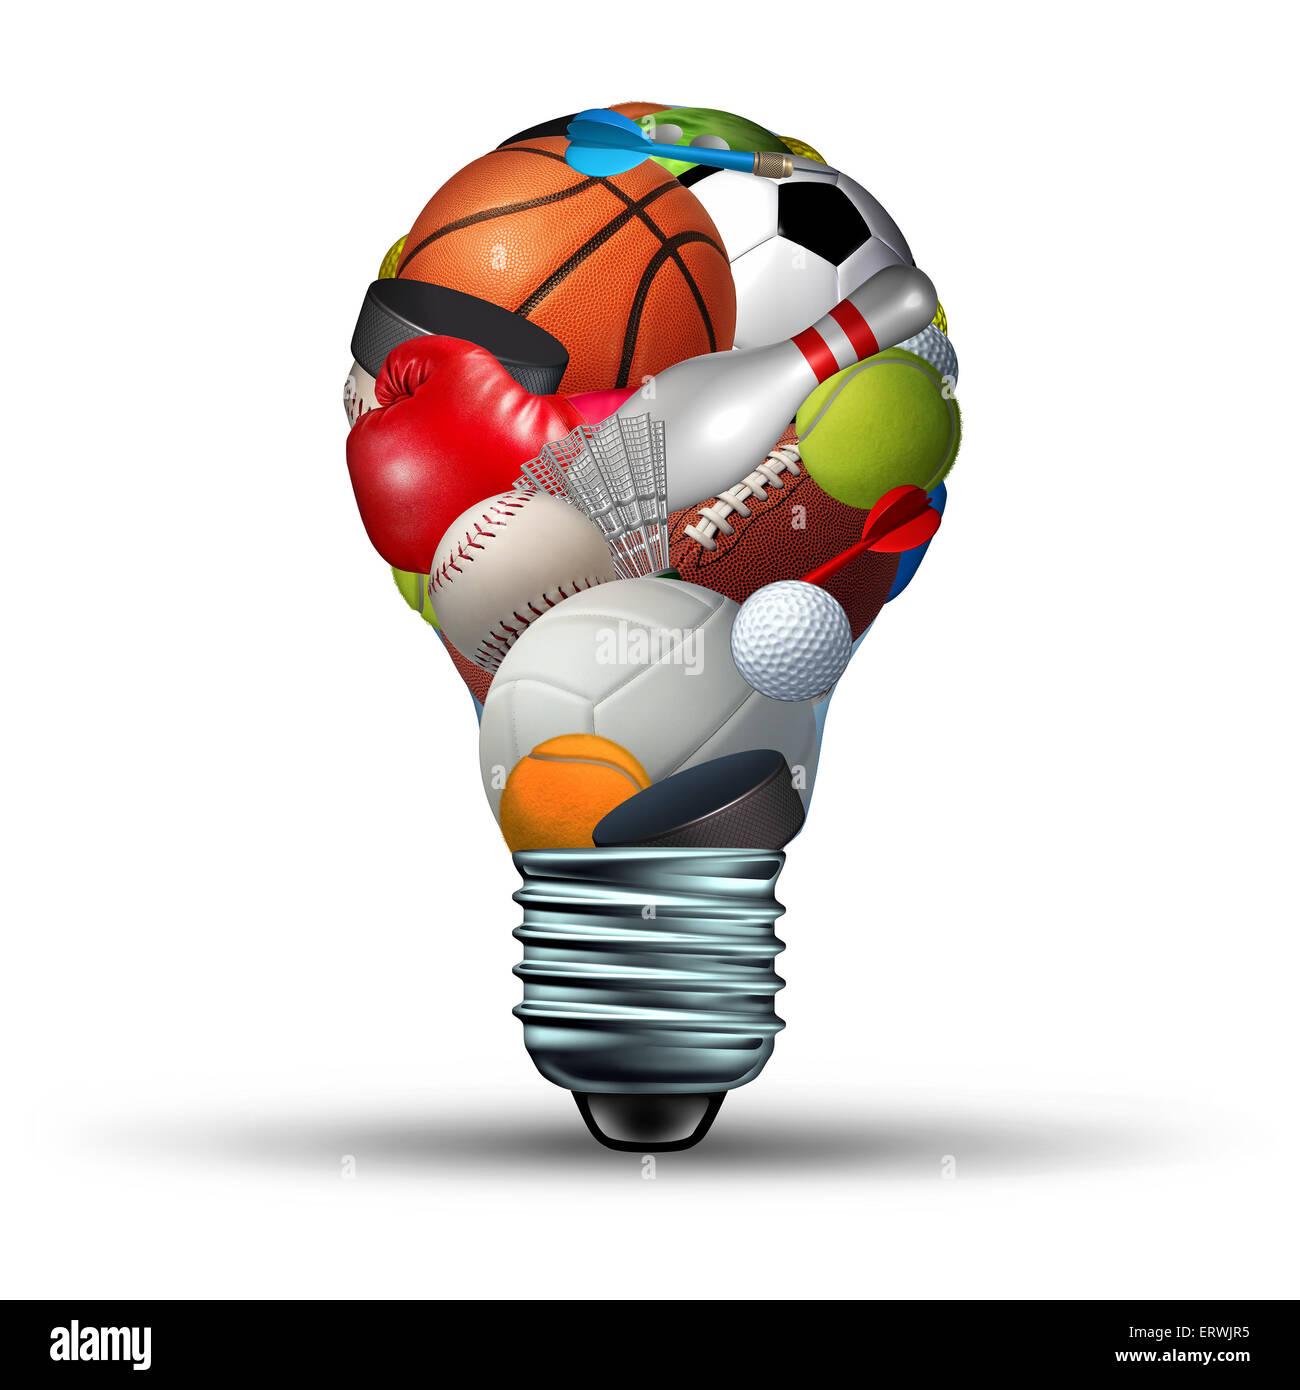 Idées d'activités sportives, une forme d'ampoule sur un fond blanc avec des équipements sportifs Photo Stock